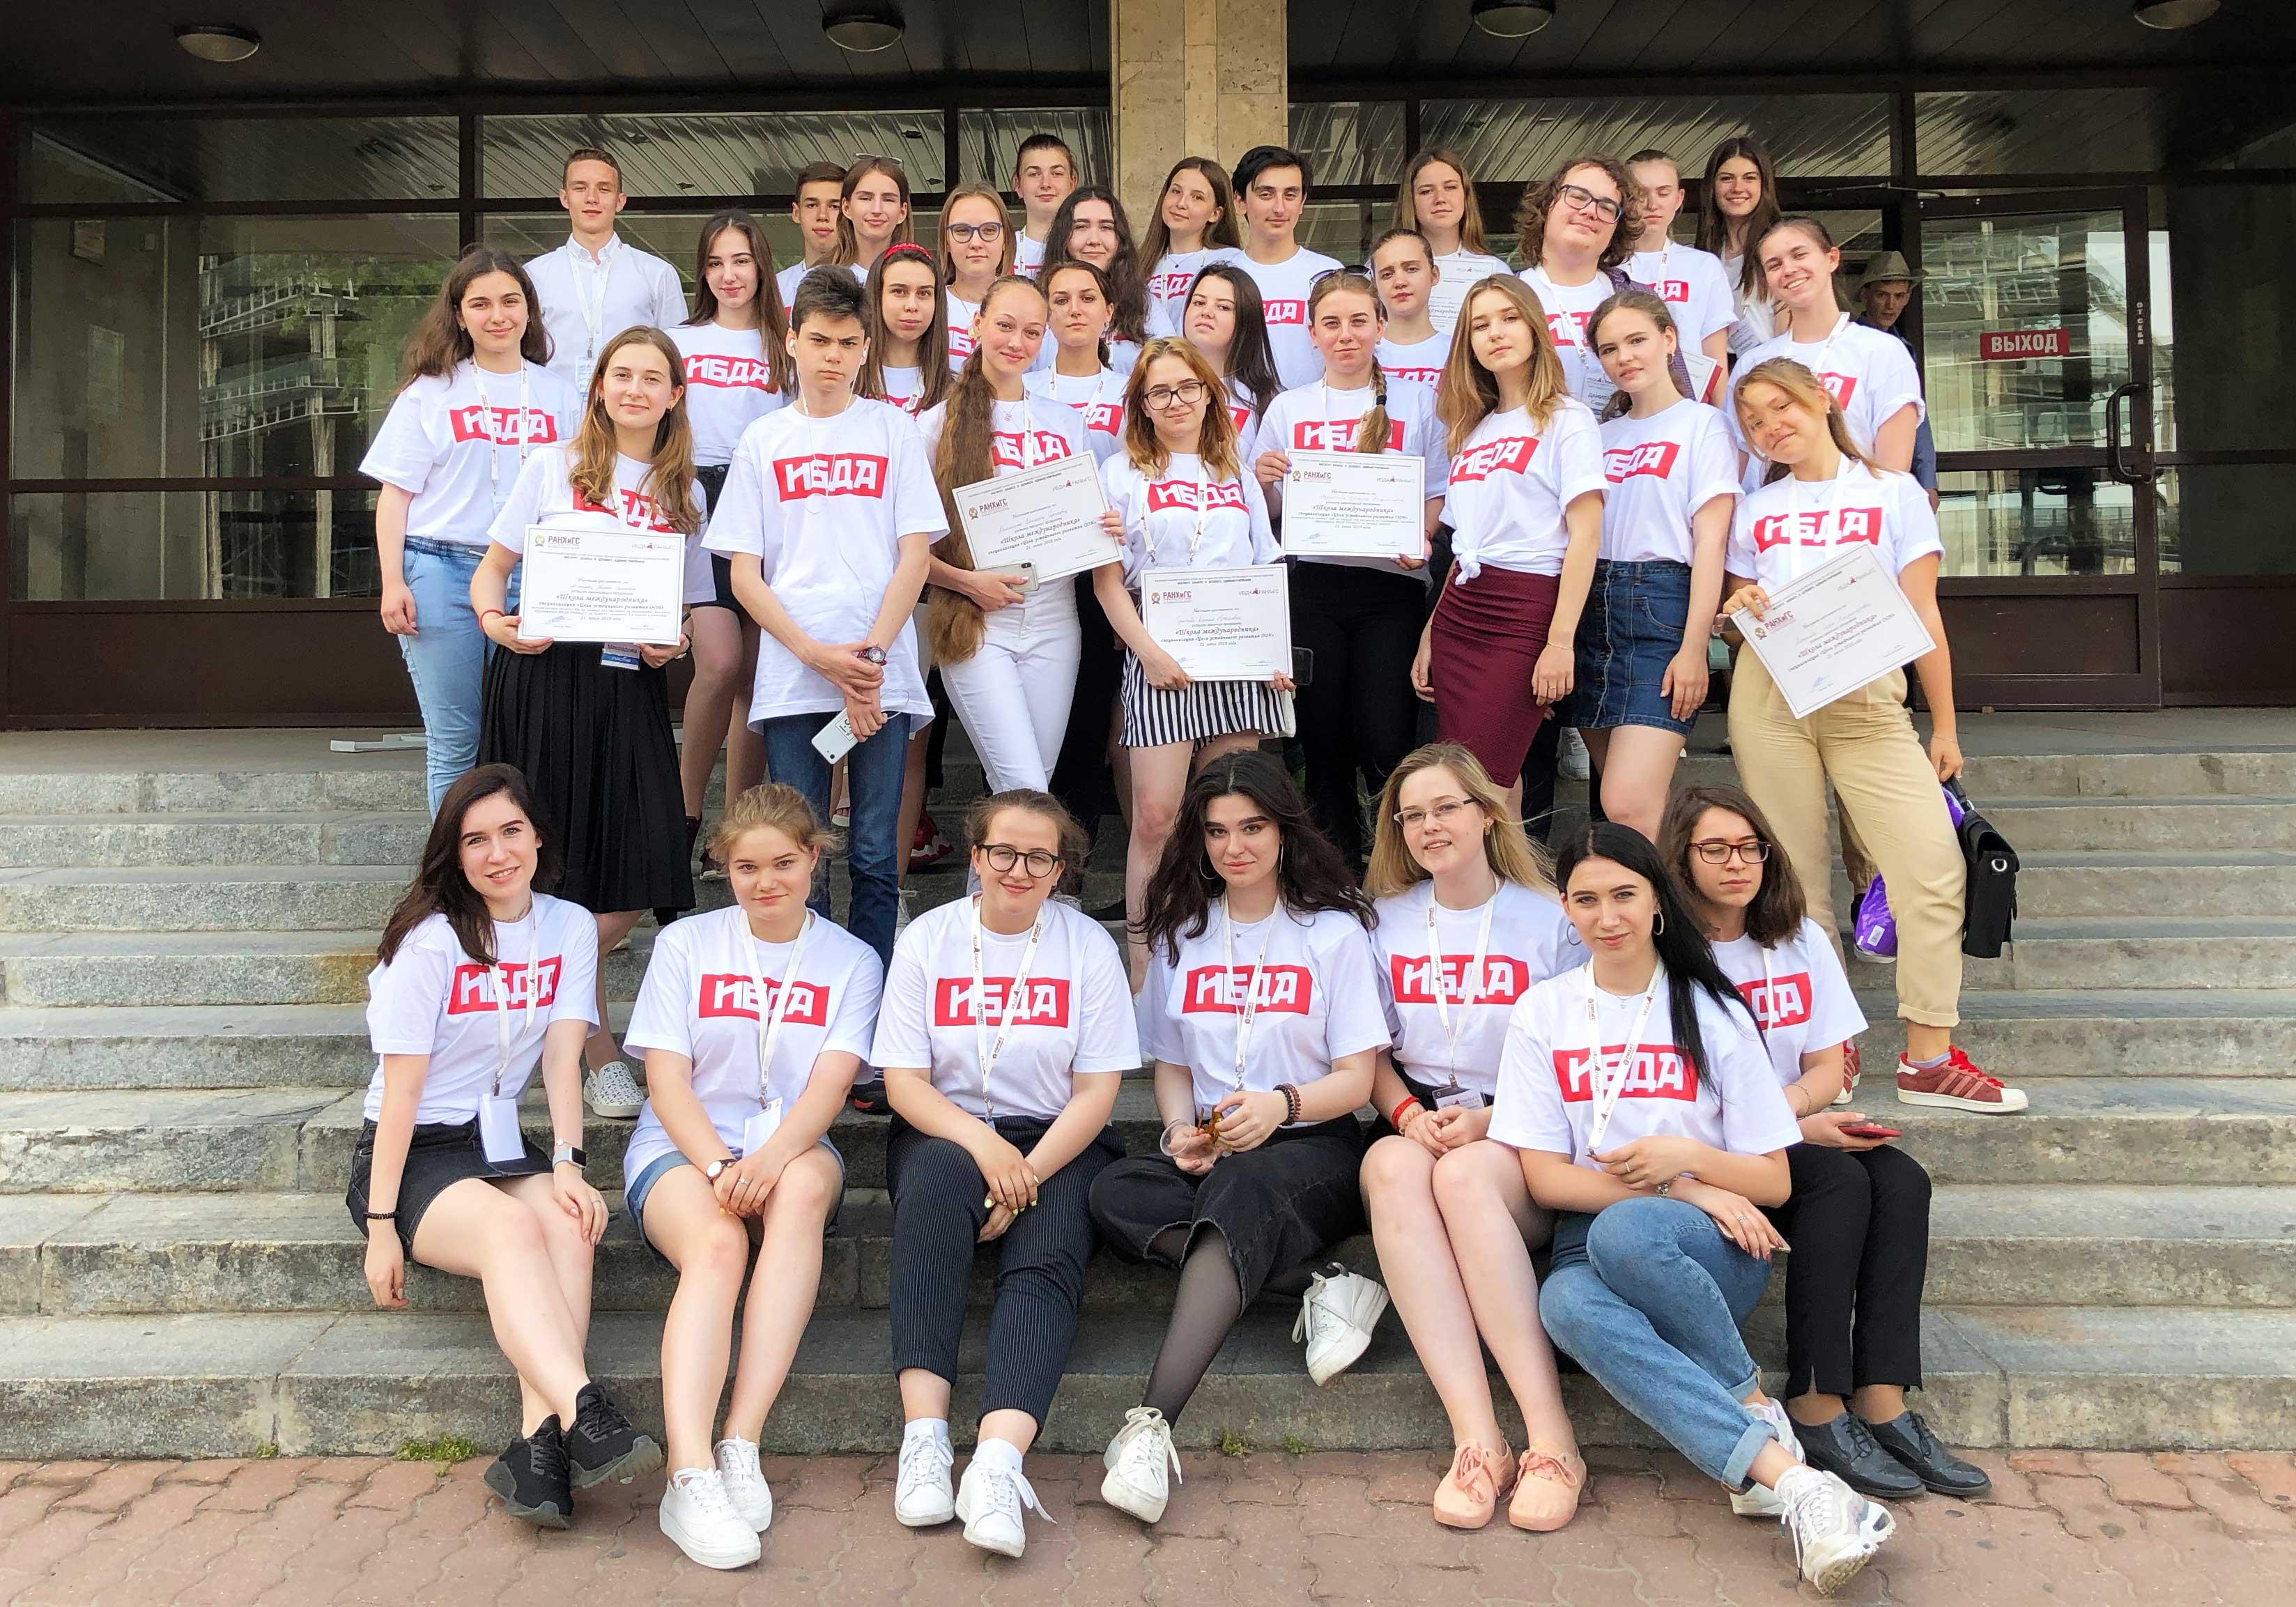 В Институте бизнеса и делового администрирования (ИБДА) РАНХиГС завершилась вторая Школа международника для учеников 10-х классов, участие в которой приняли более 30 человек из разных регионов нашей страны.